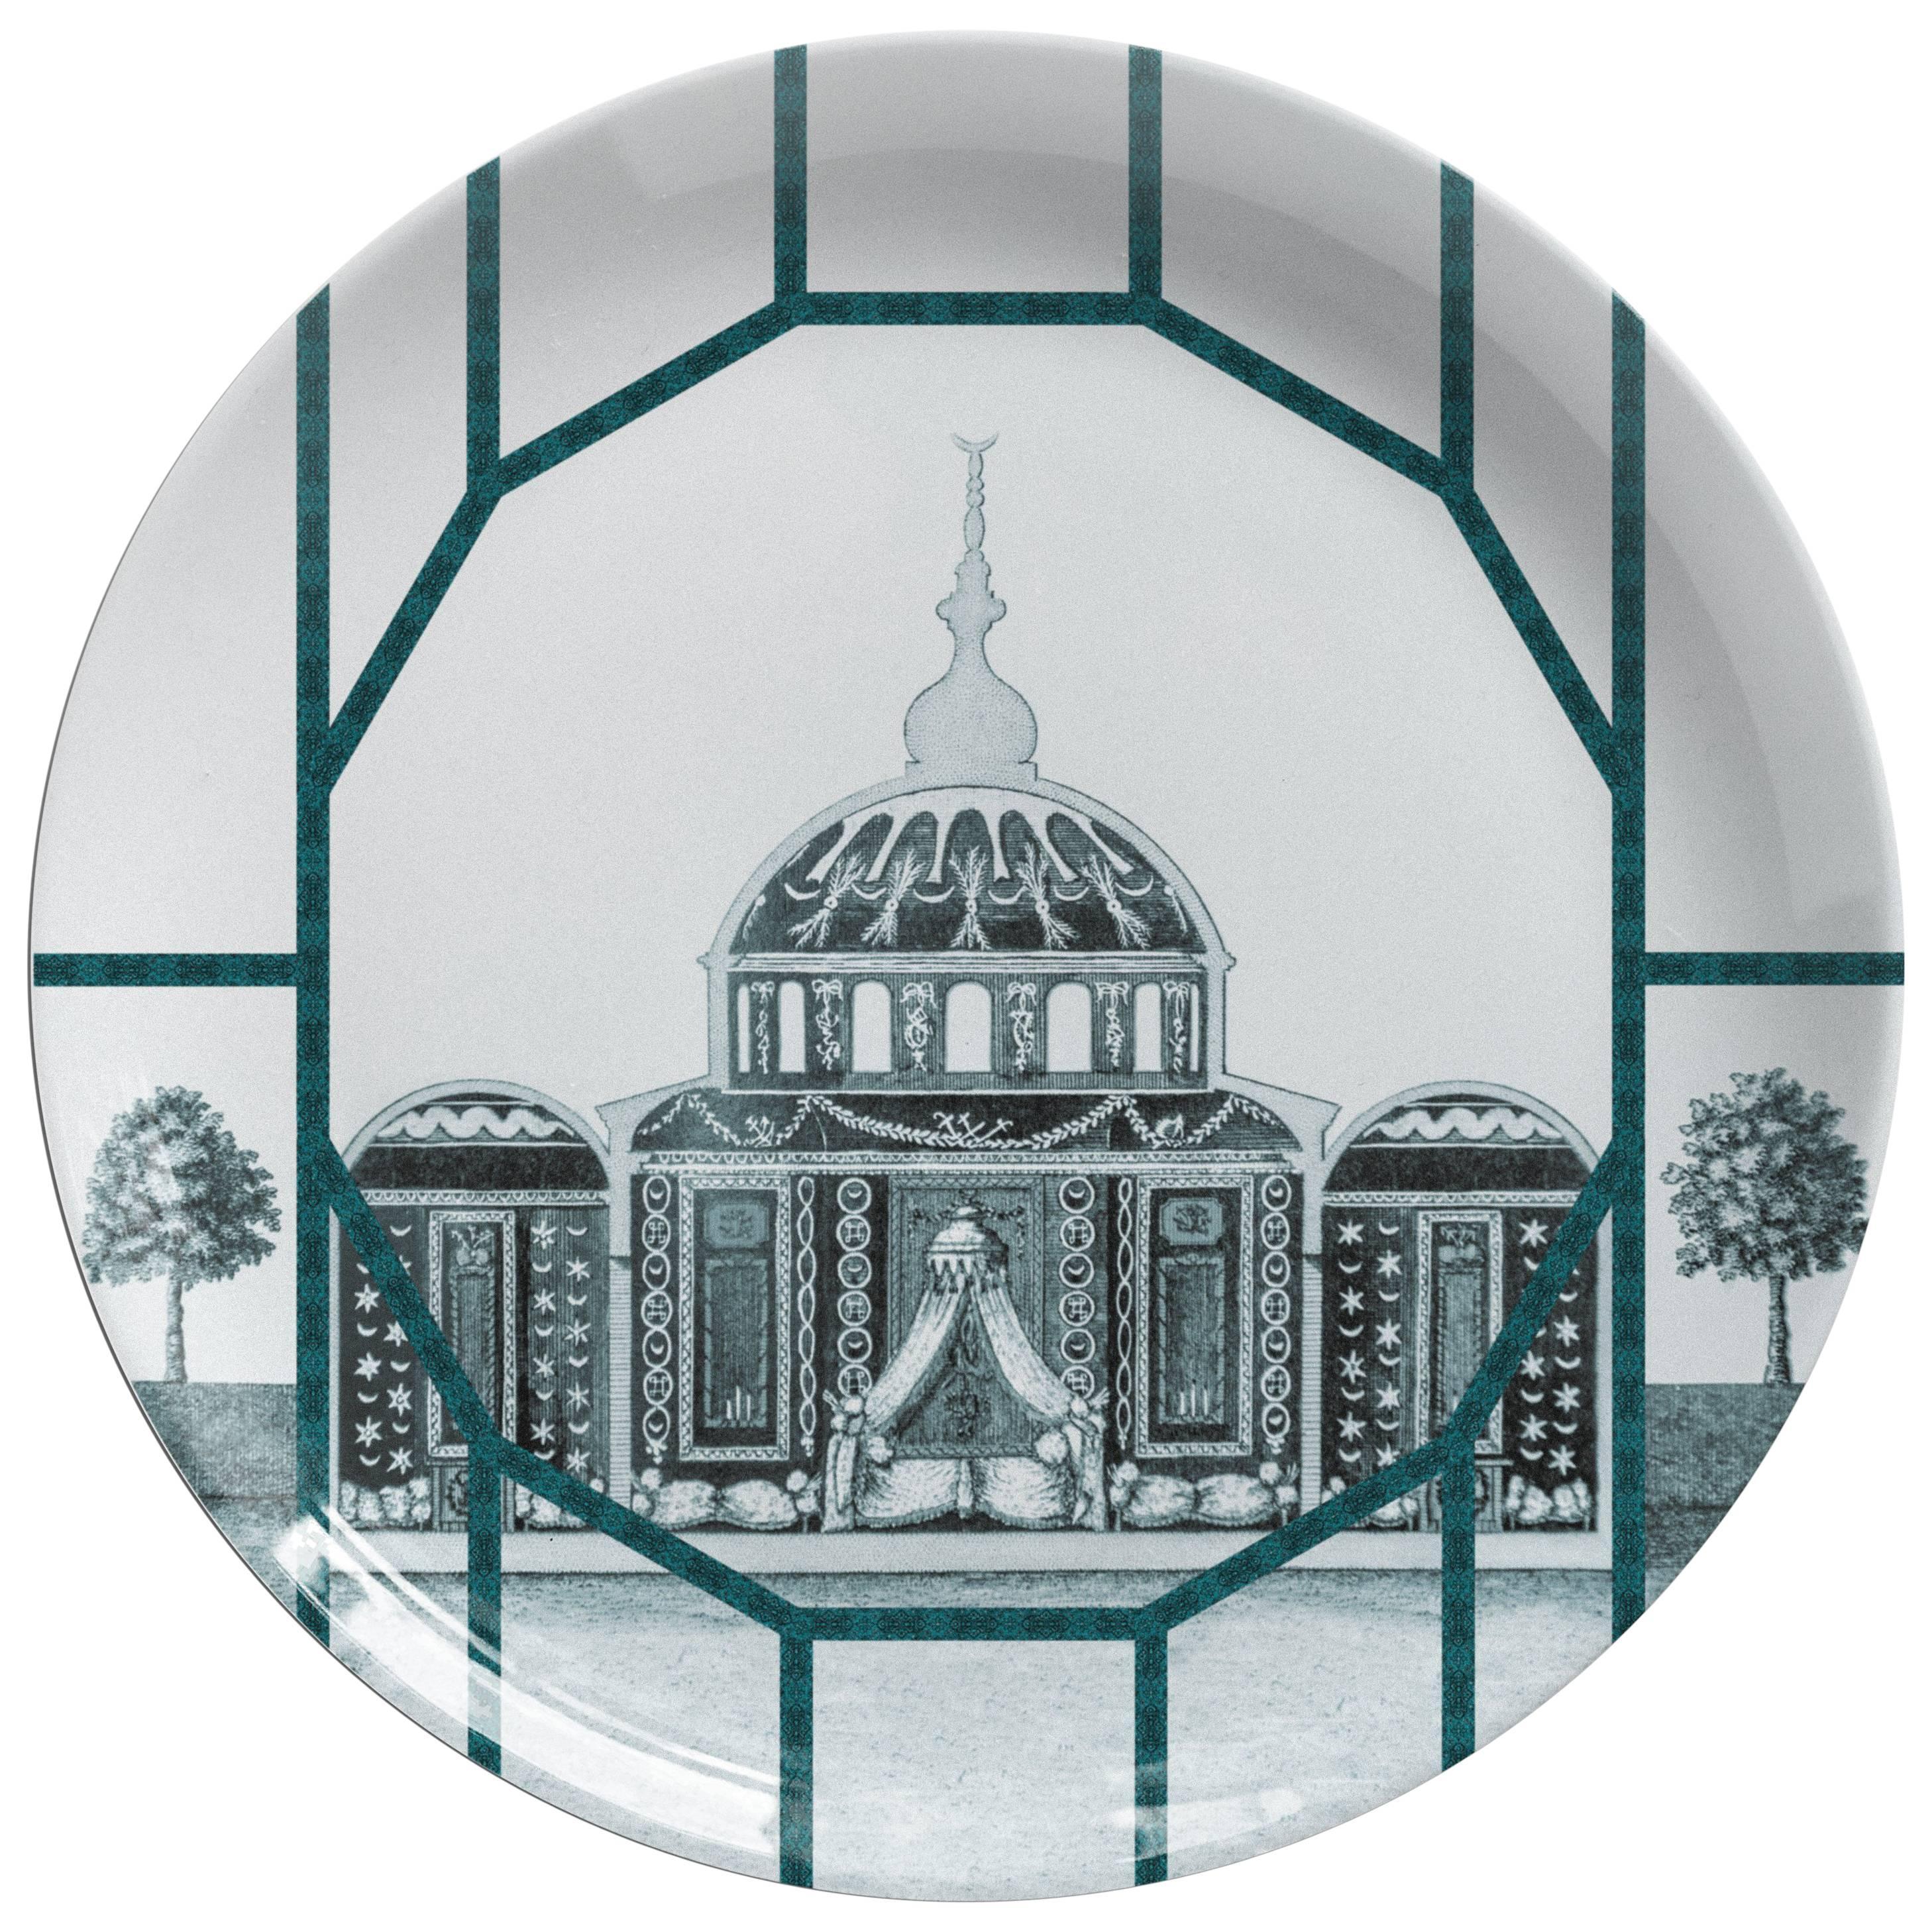 Toptaki Green Porcelain Dinner Plate by Vito Nesta for Les Ottomans